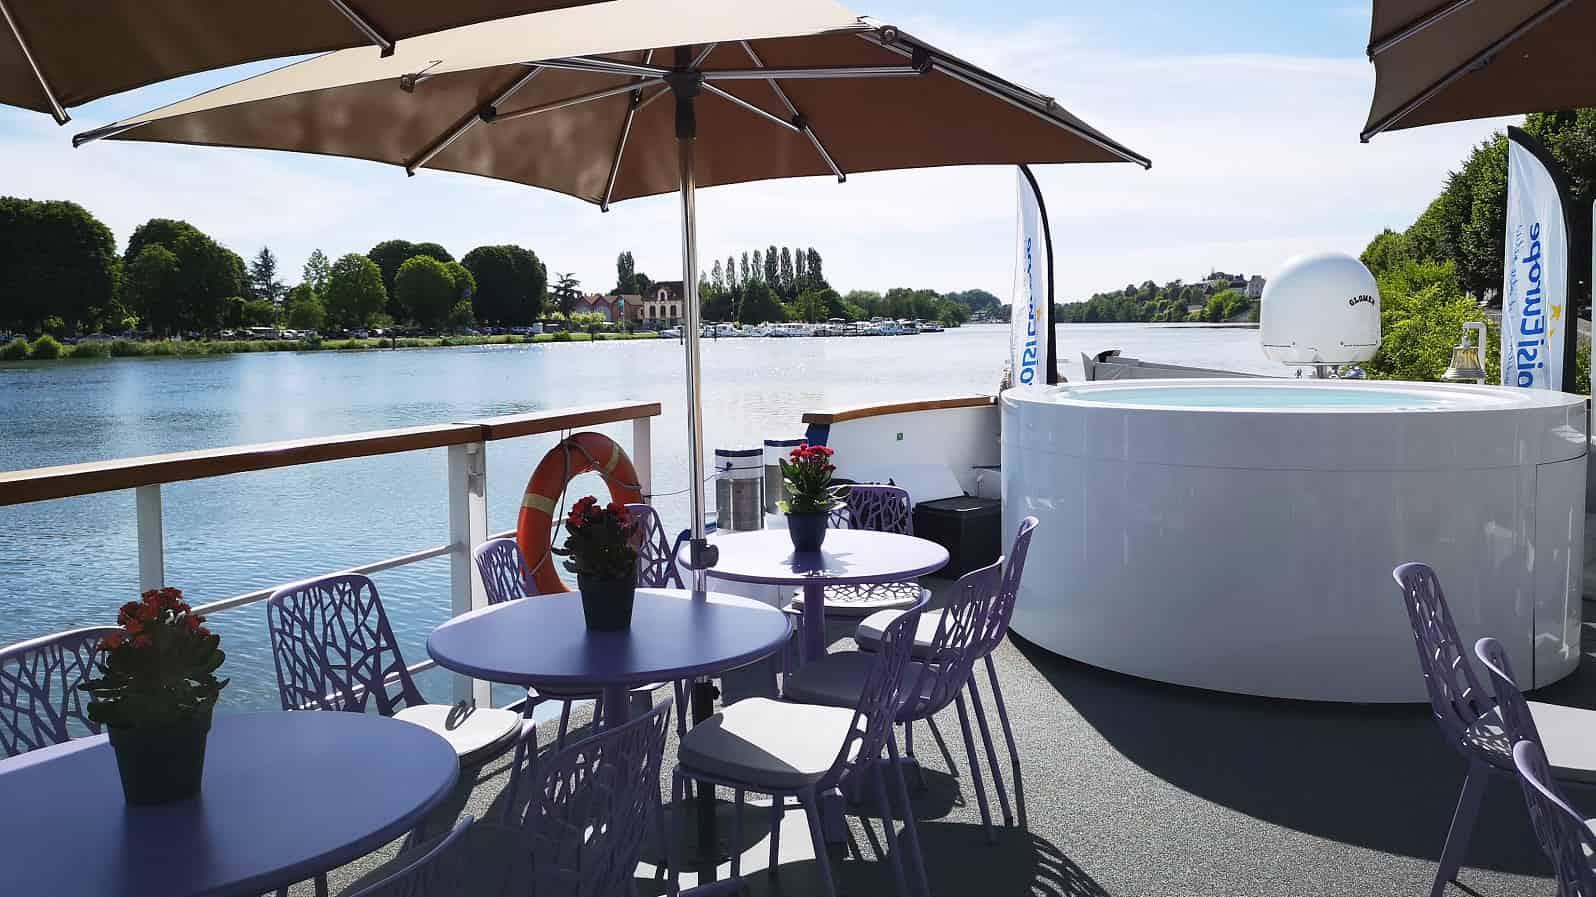 Barge-ulkokansi-ja-poreallas-©CroisiEurope.jpg